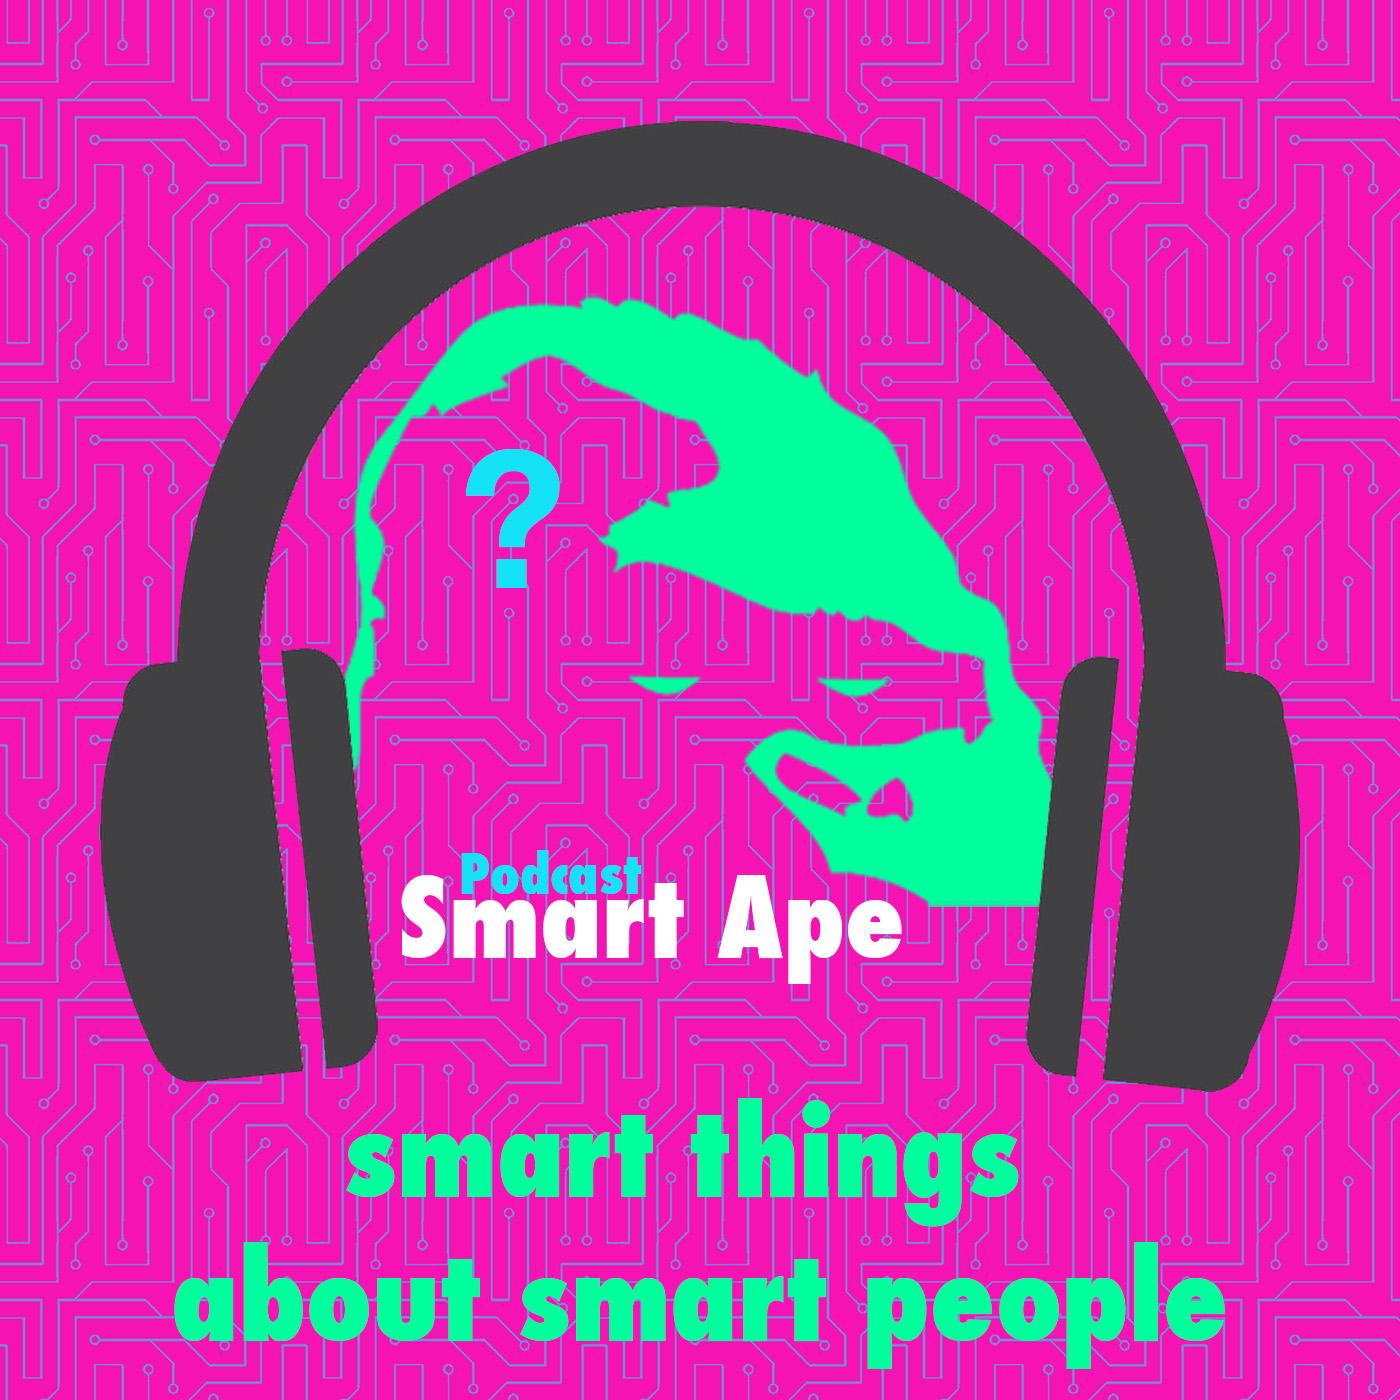 Smart Ape